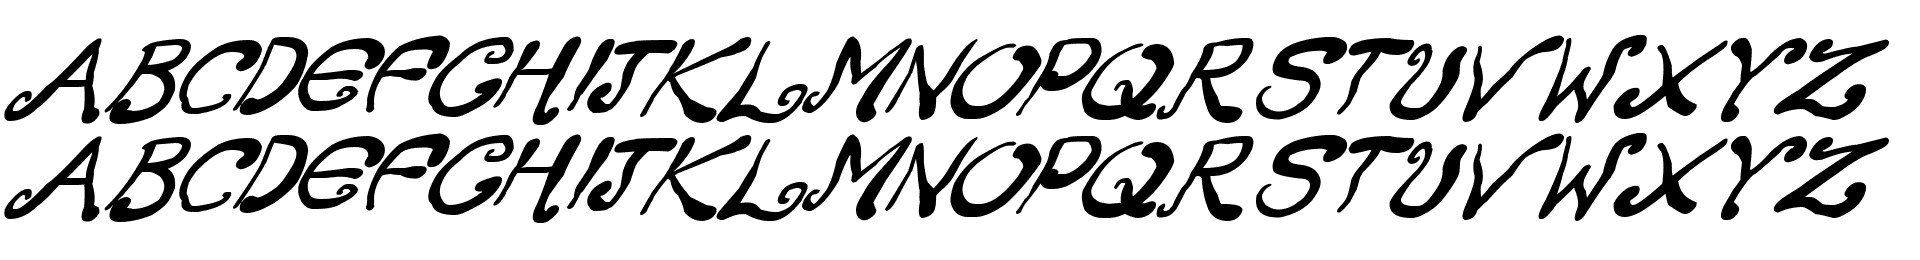 Creepy Scrawly Italic